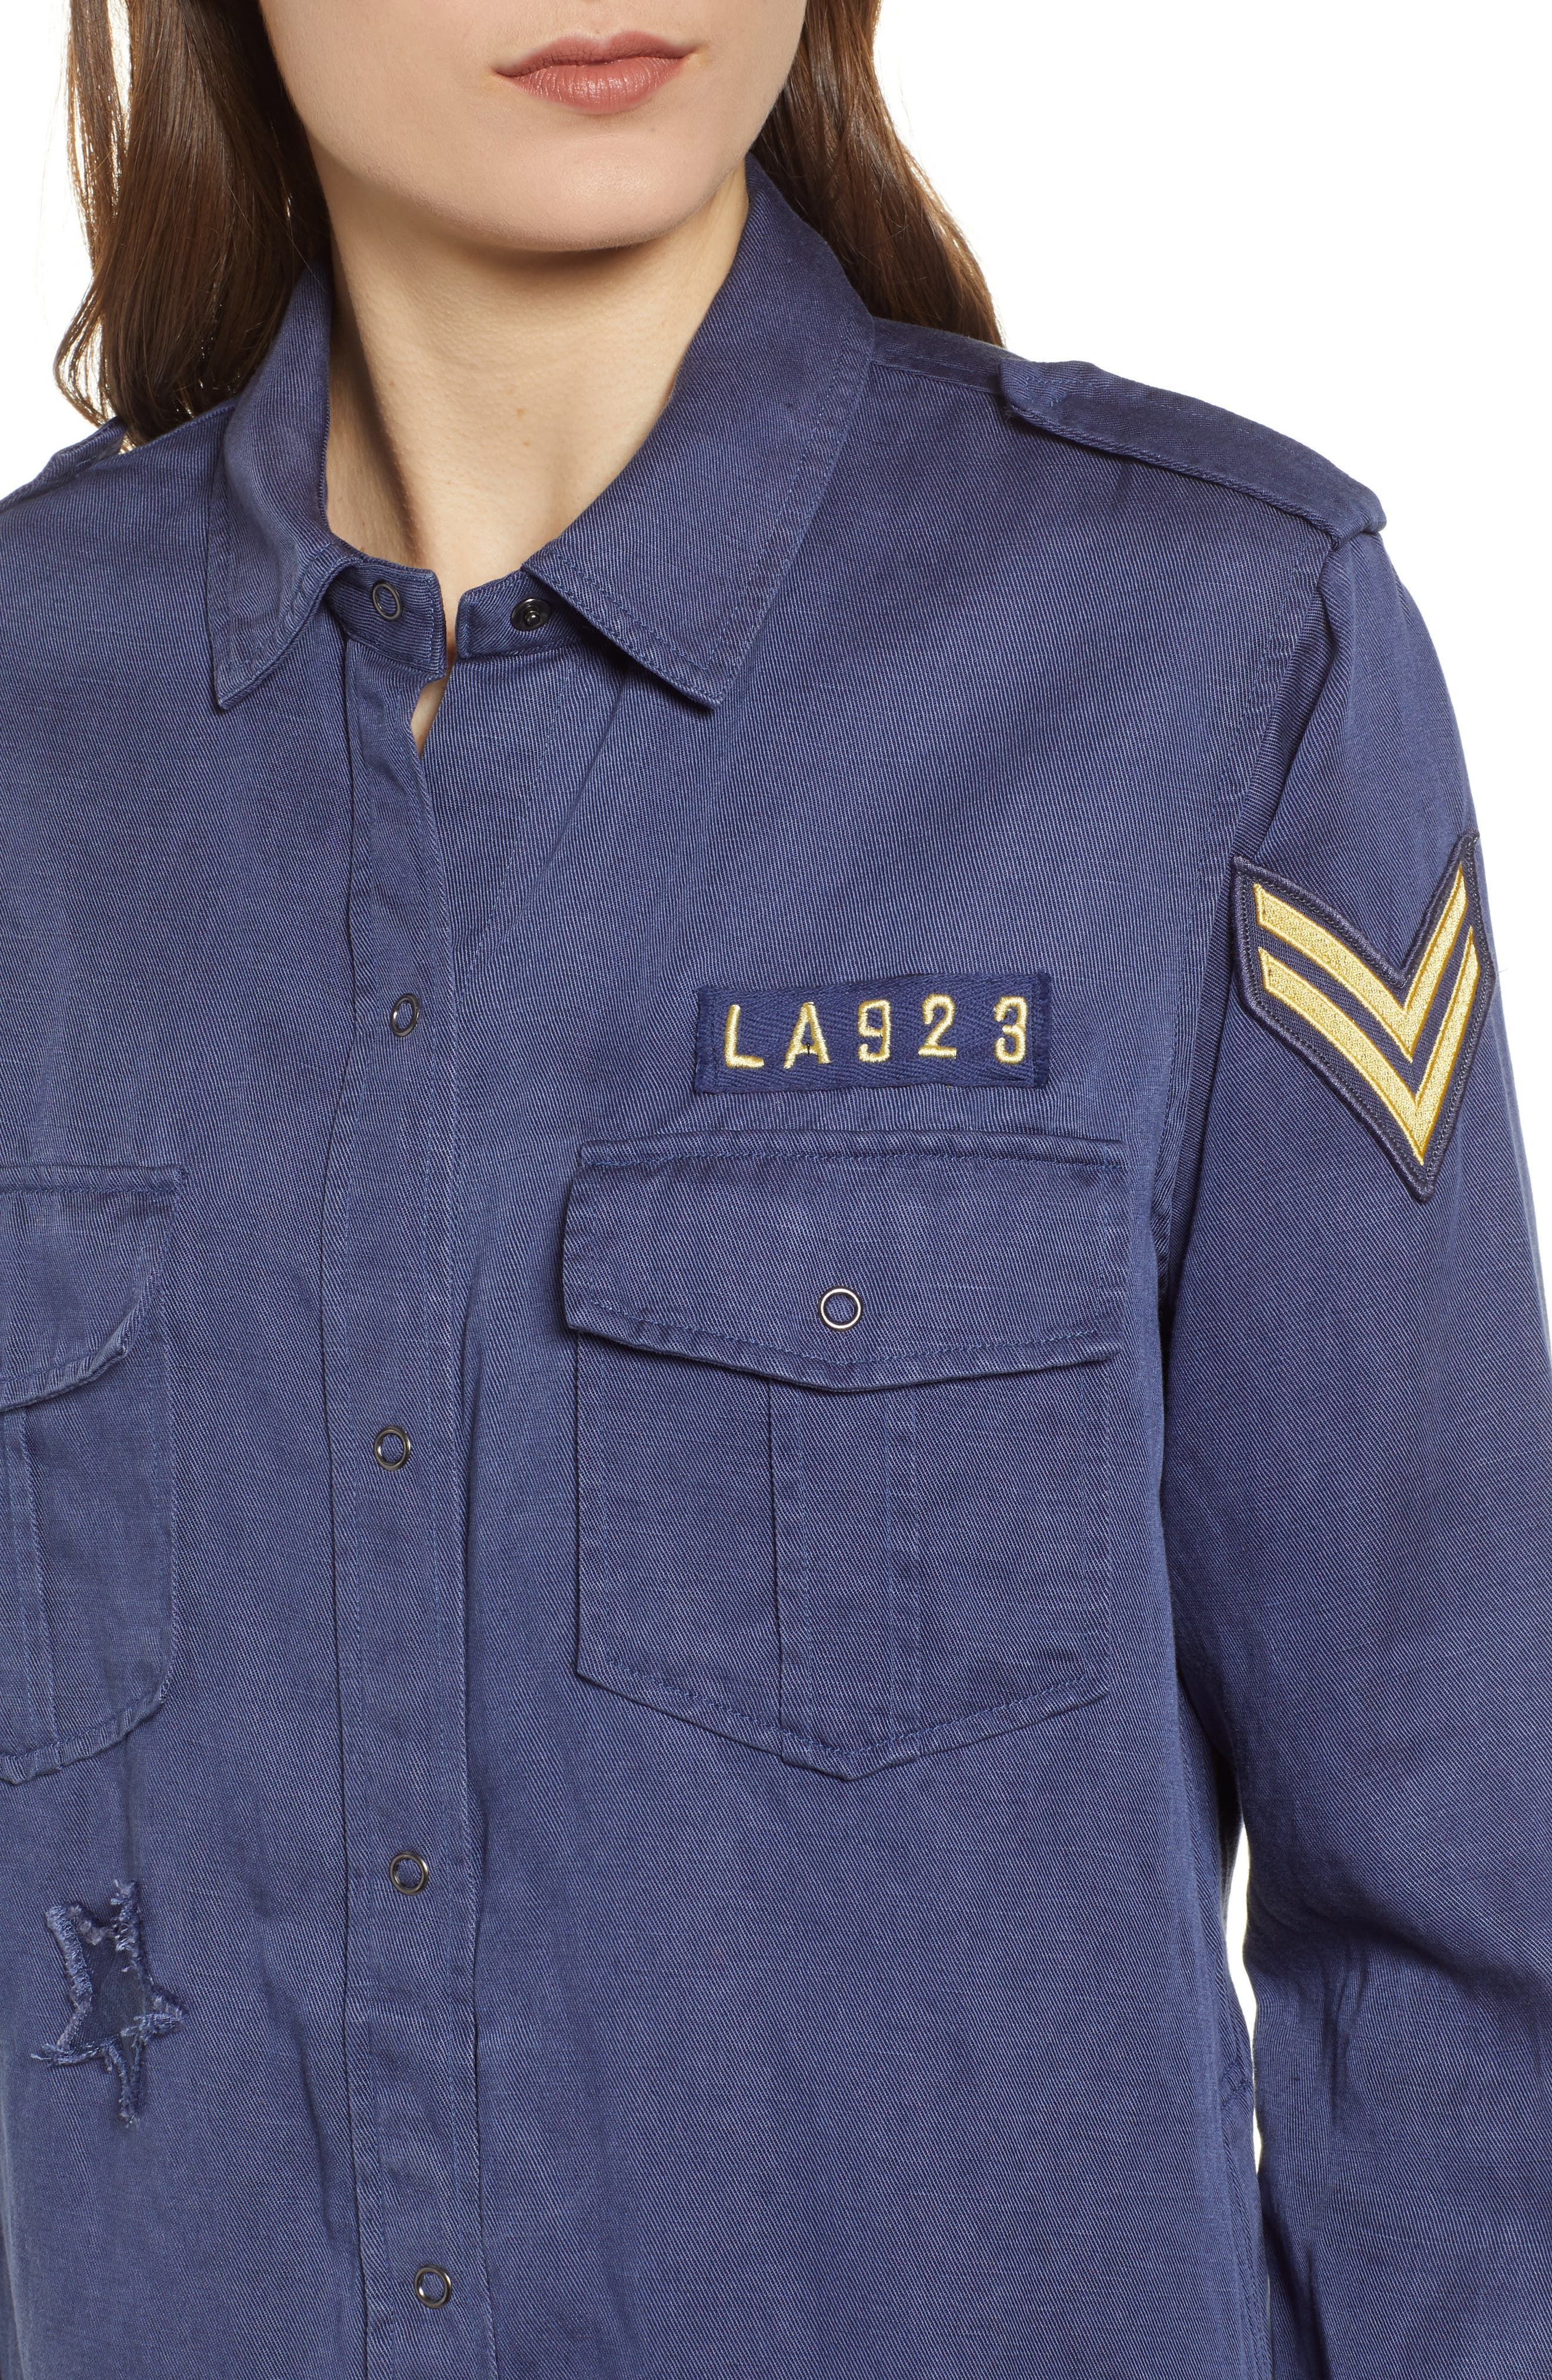 Kato Military Shirt,                             Alternate thumbnail 4, color,                             TOKYO BLUE